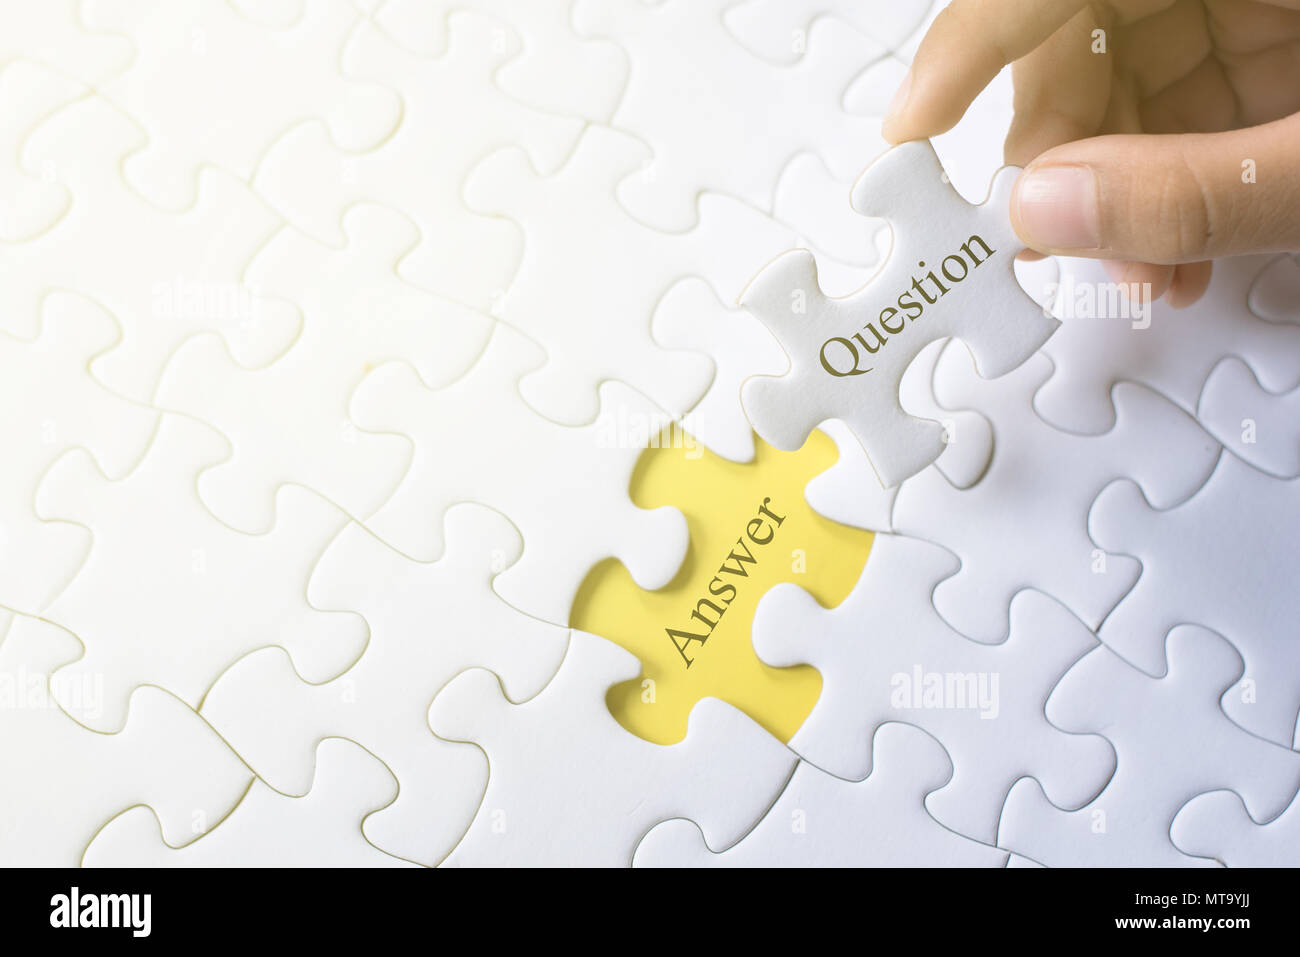 Main tenant en questions et réponses mot sur les casse-tête. q&a, faq et question concept Photo Stock